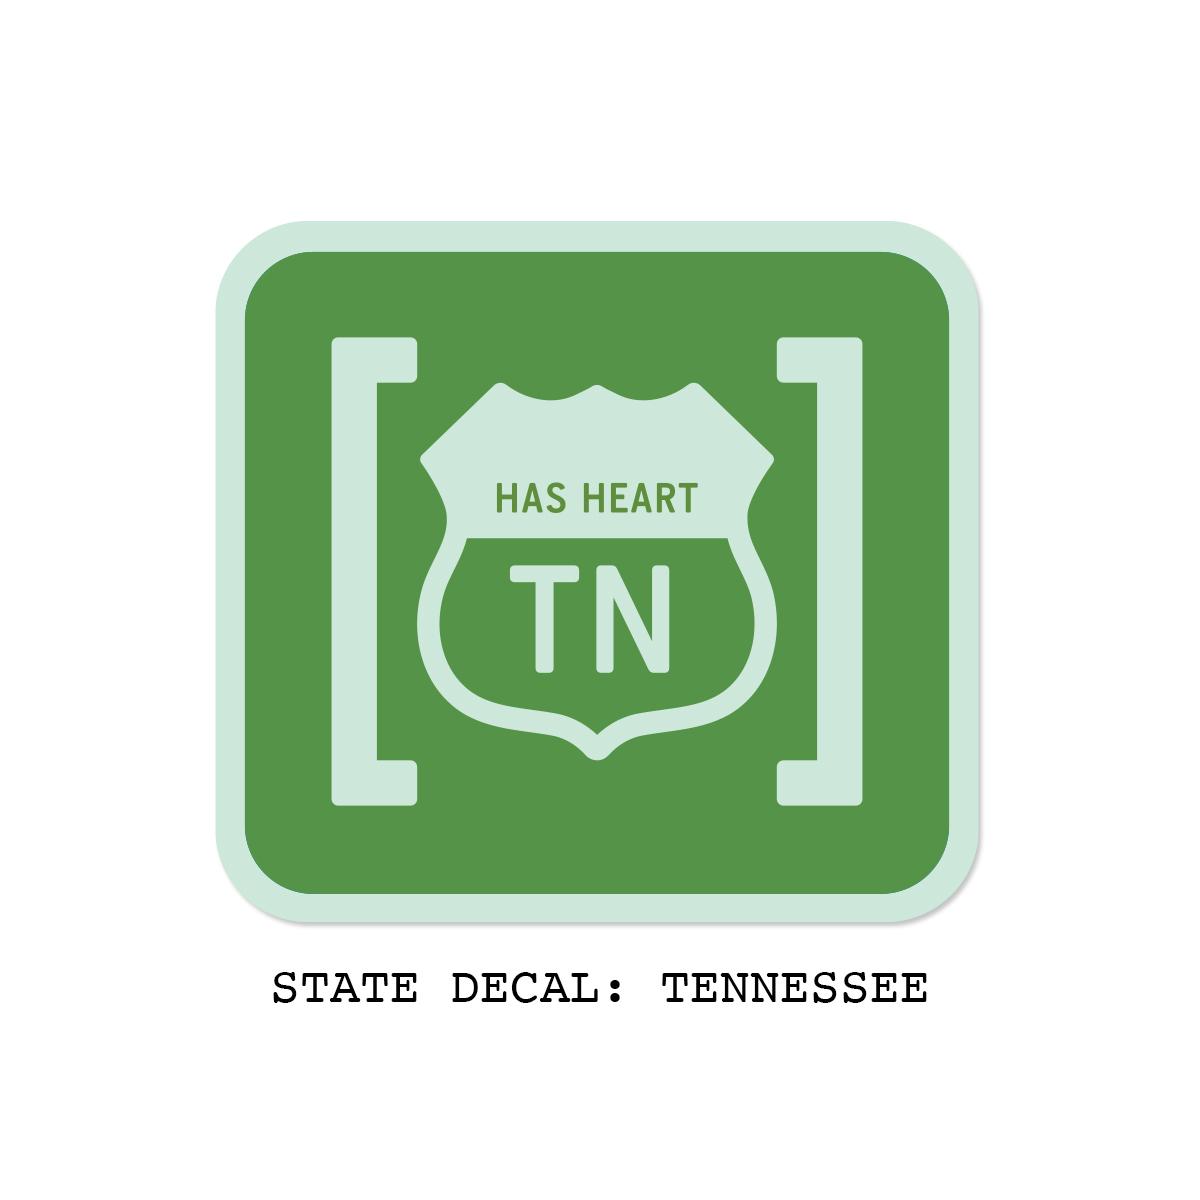 hasheart-statedecal-TN